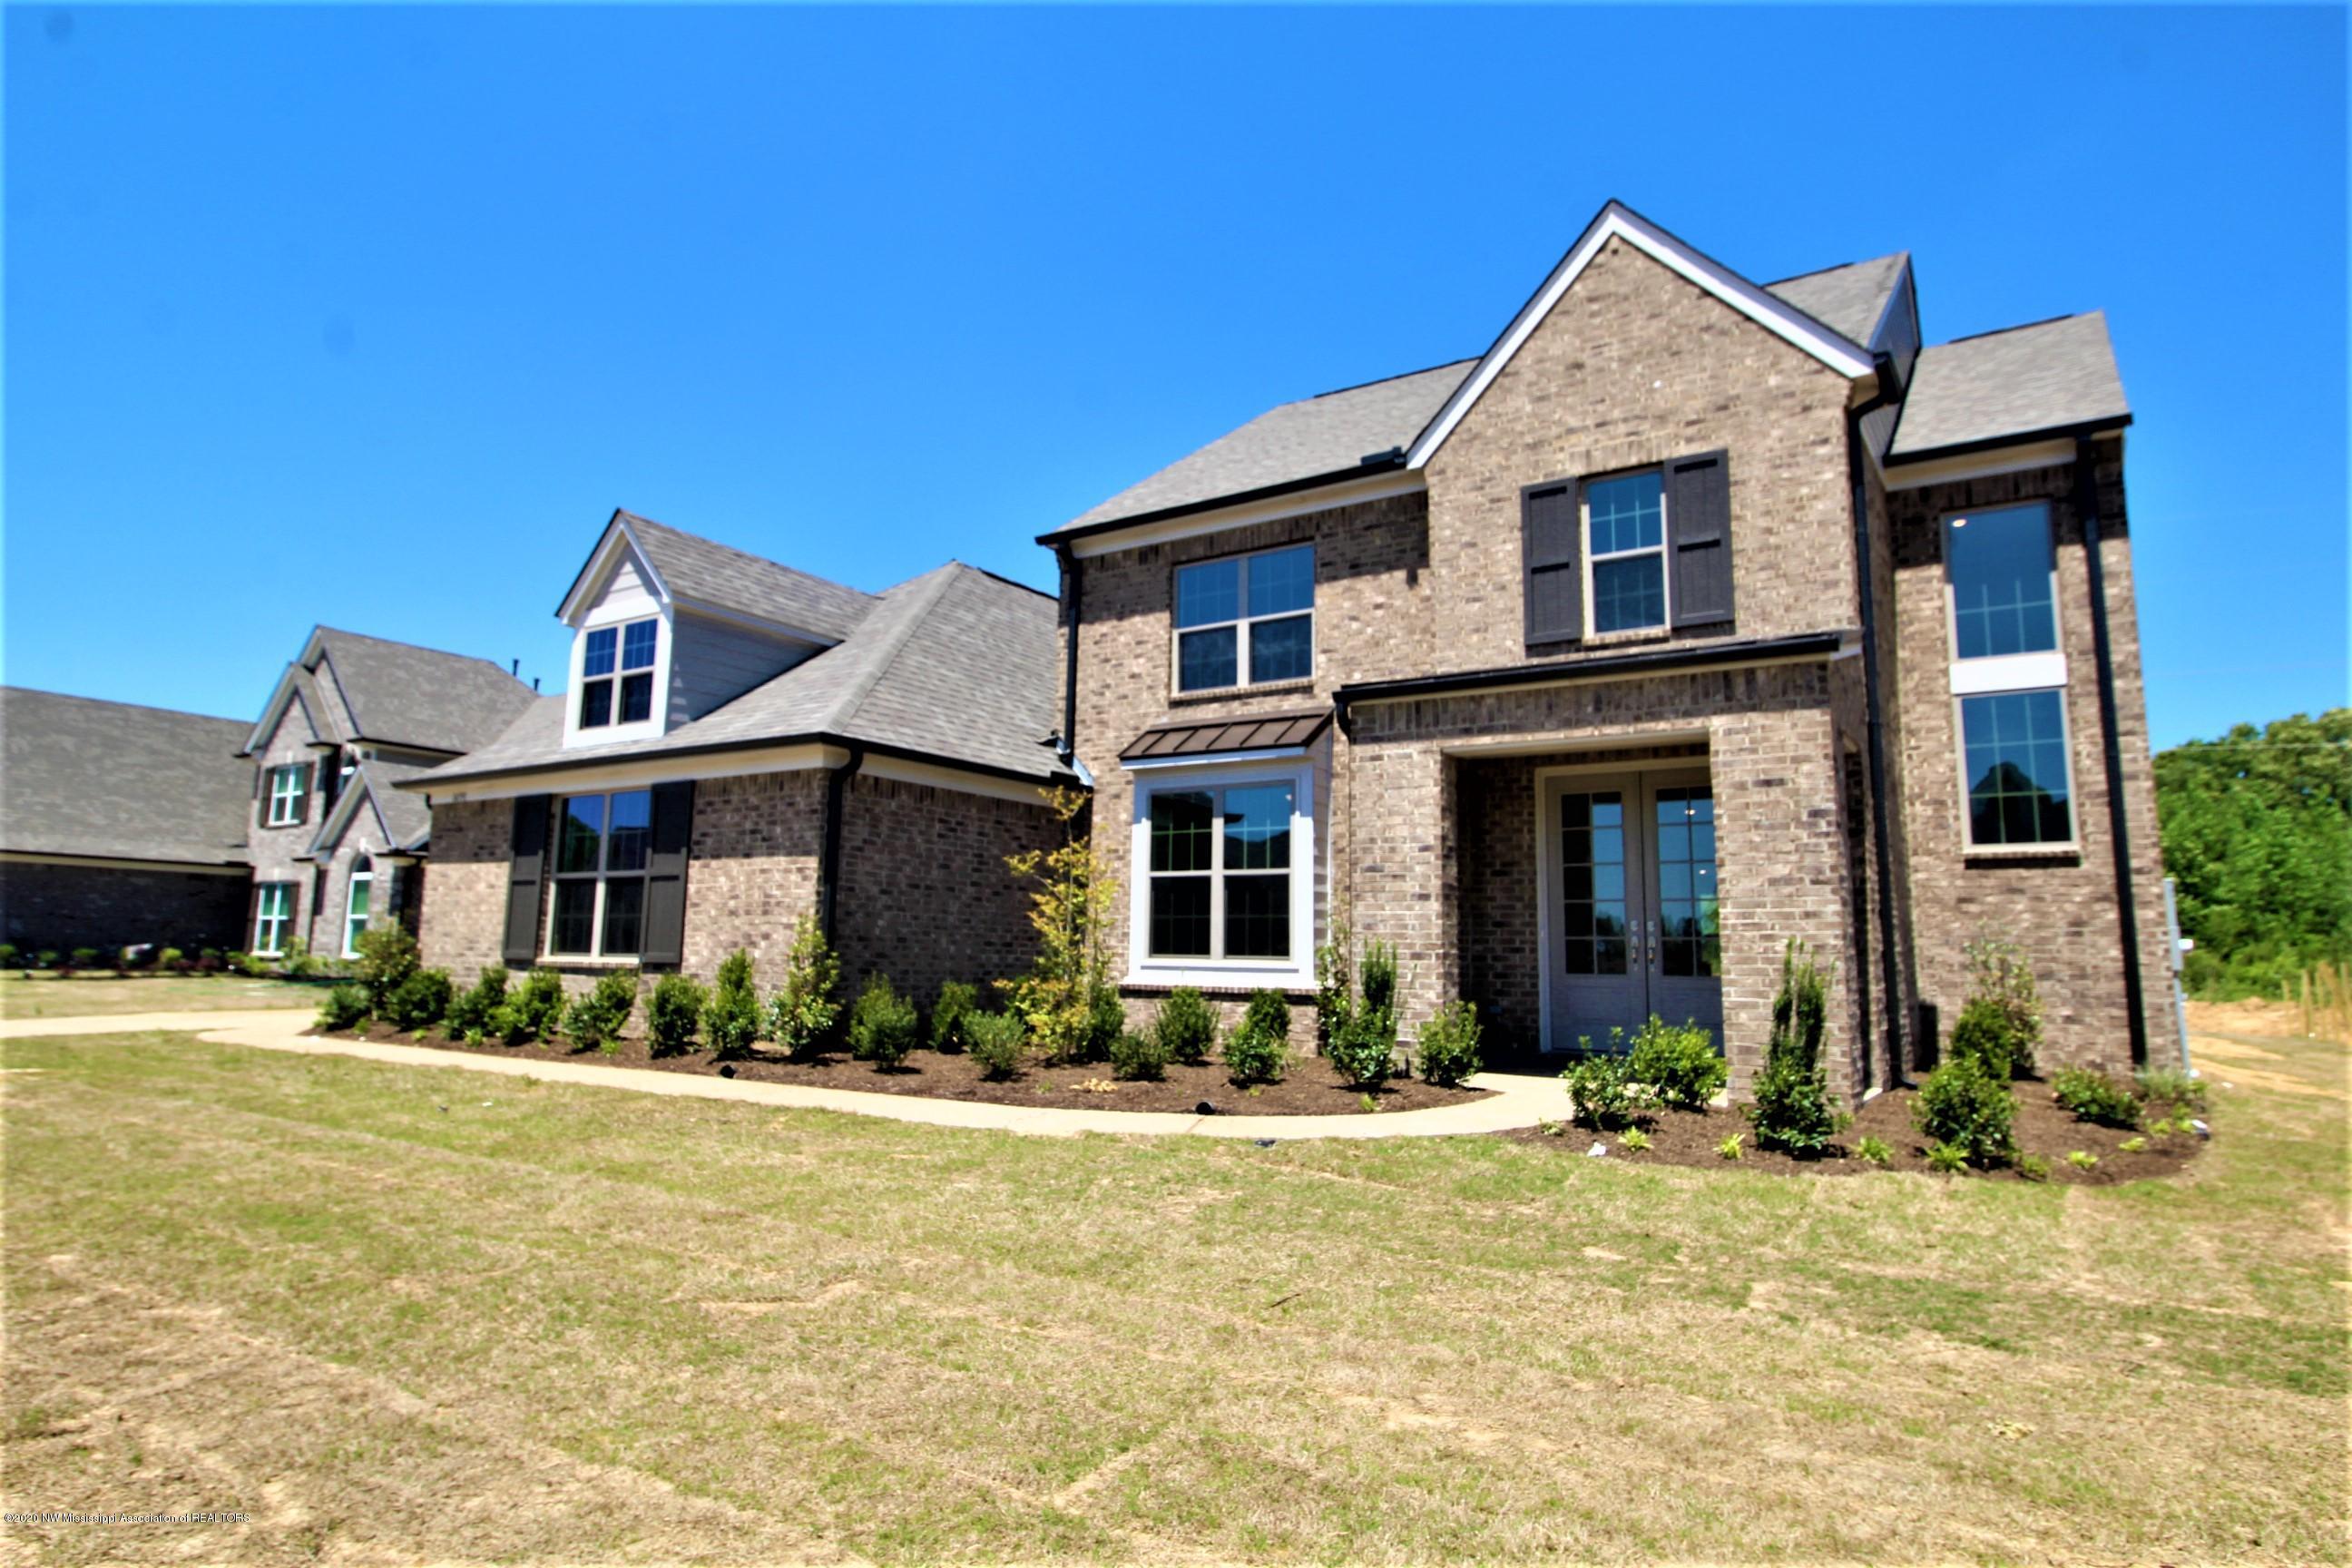 14591 St Charles Dr, Olive Branch, Mississippi